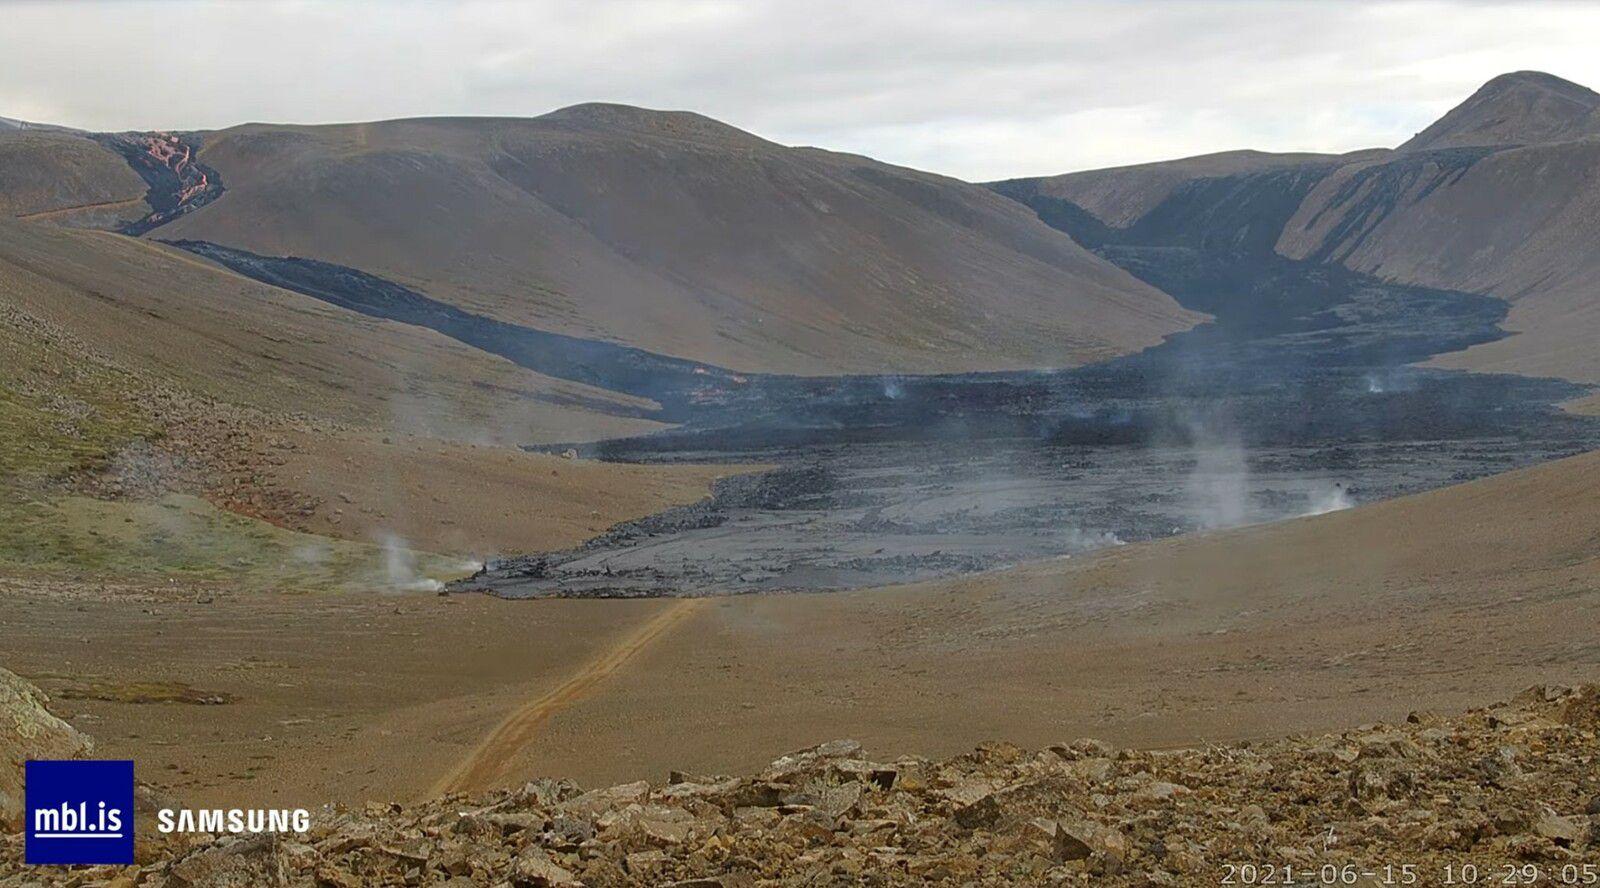 Fagradalsfjall , vallée de Nátthaga - avancée raide de la lave entre le 15.06.2021 à 07h21 et 10h29 - le repère est le triangle de végétation sur la gauche -  webcam mbls